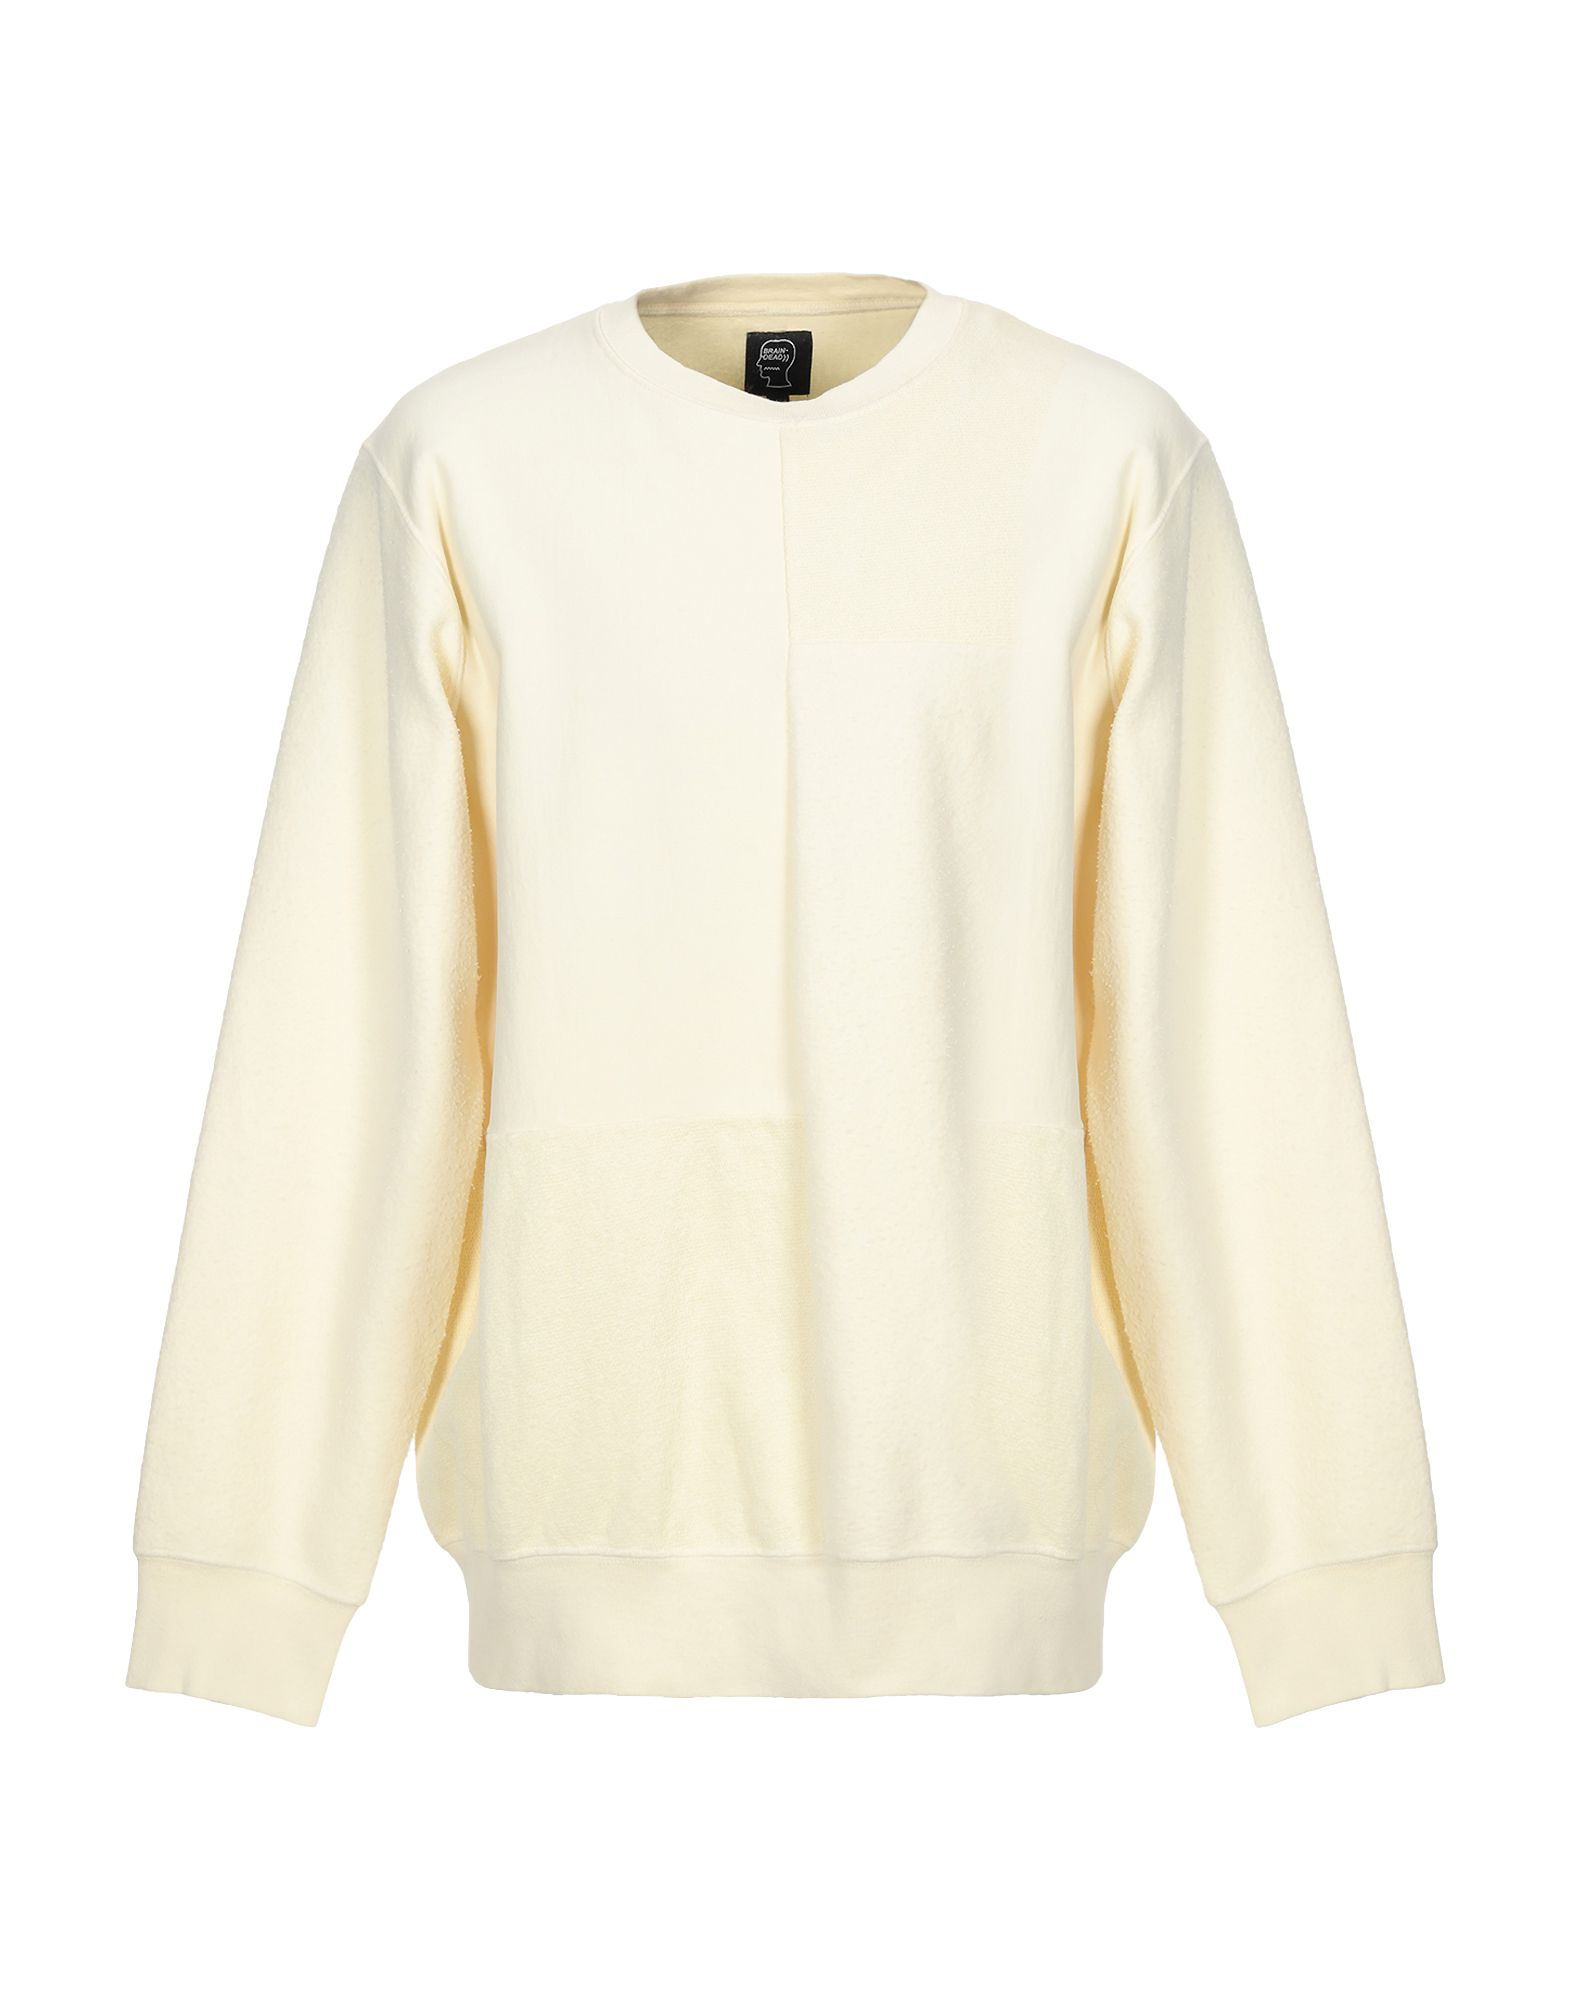 《送料無料》BRAIN DEAD メンズ スウェットシャツ ライトイエロー L コットン 100%